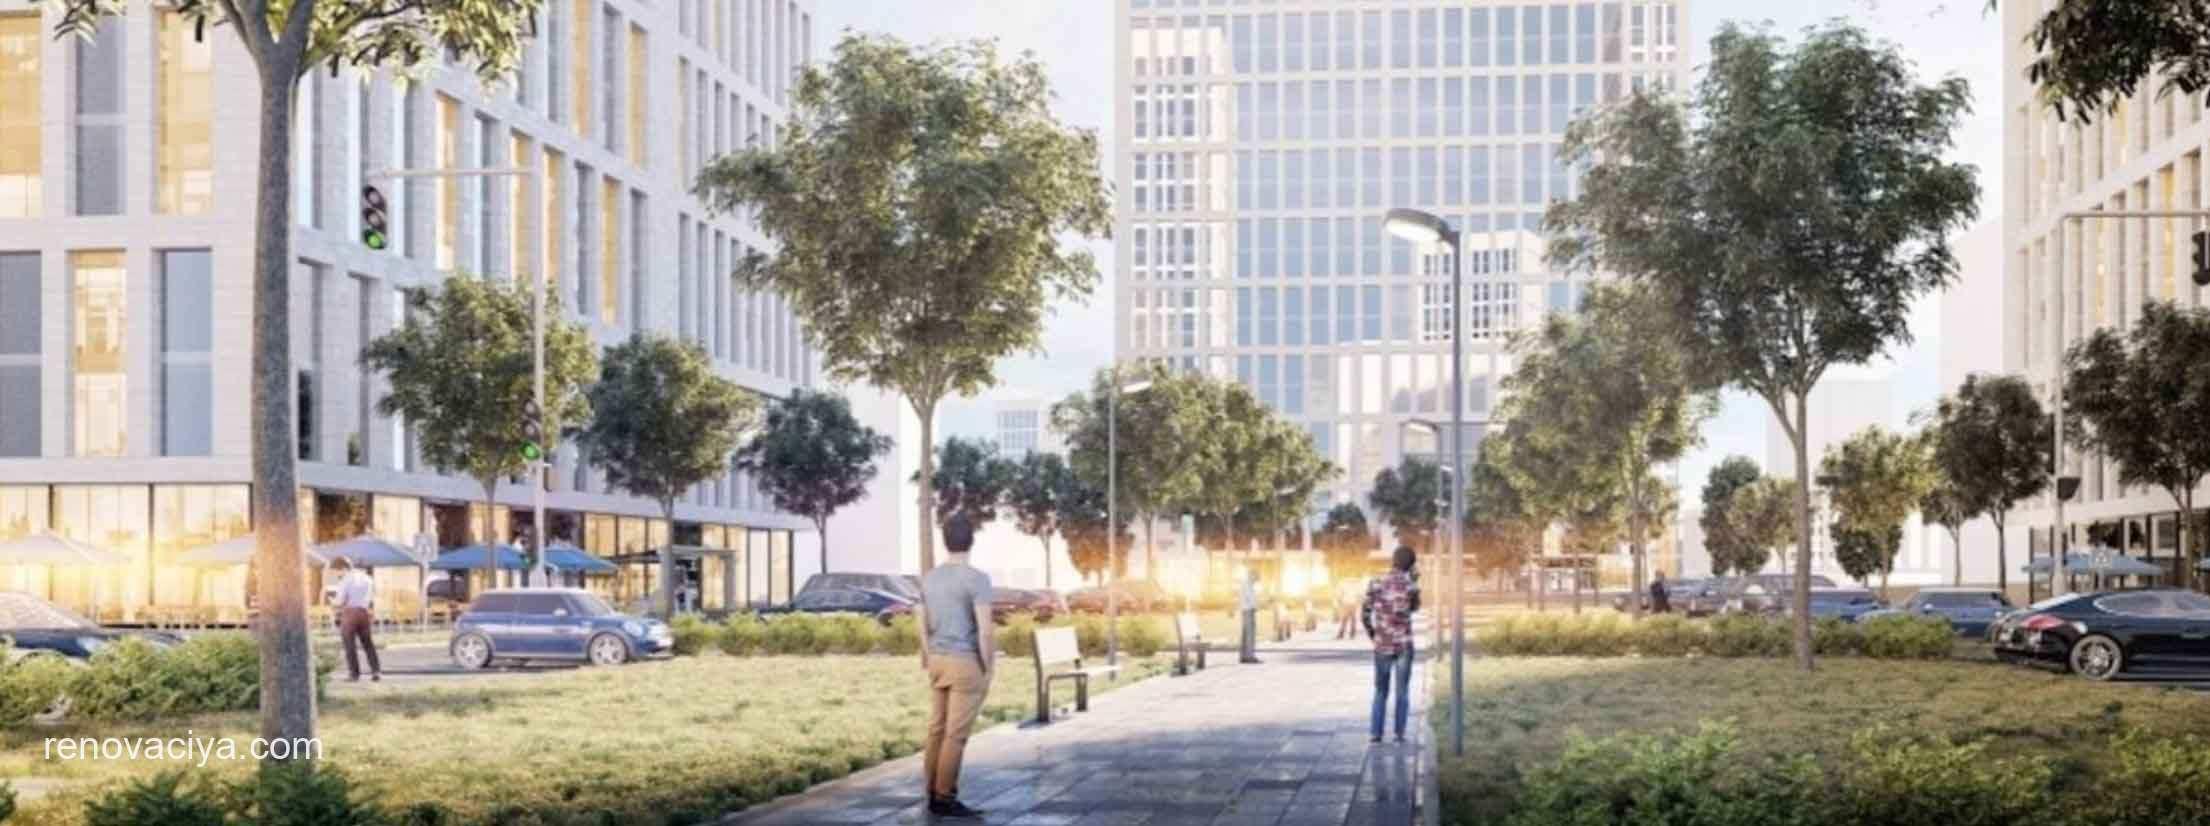 Алтуфьевскому району представили проект планировки кварталов